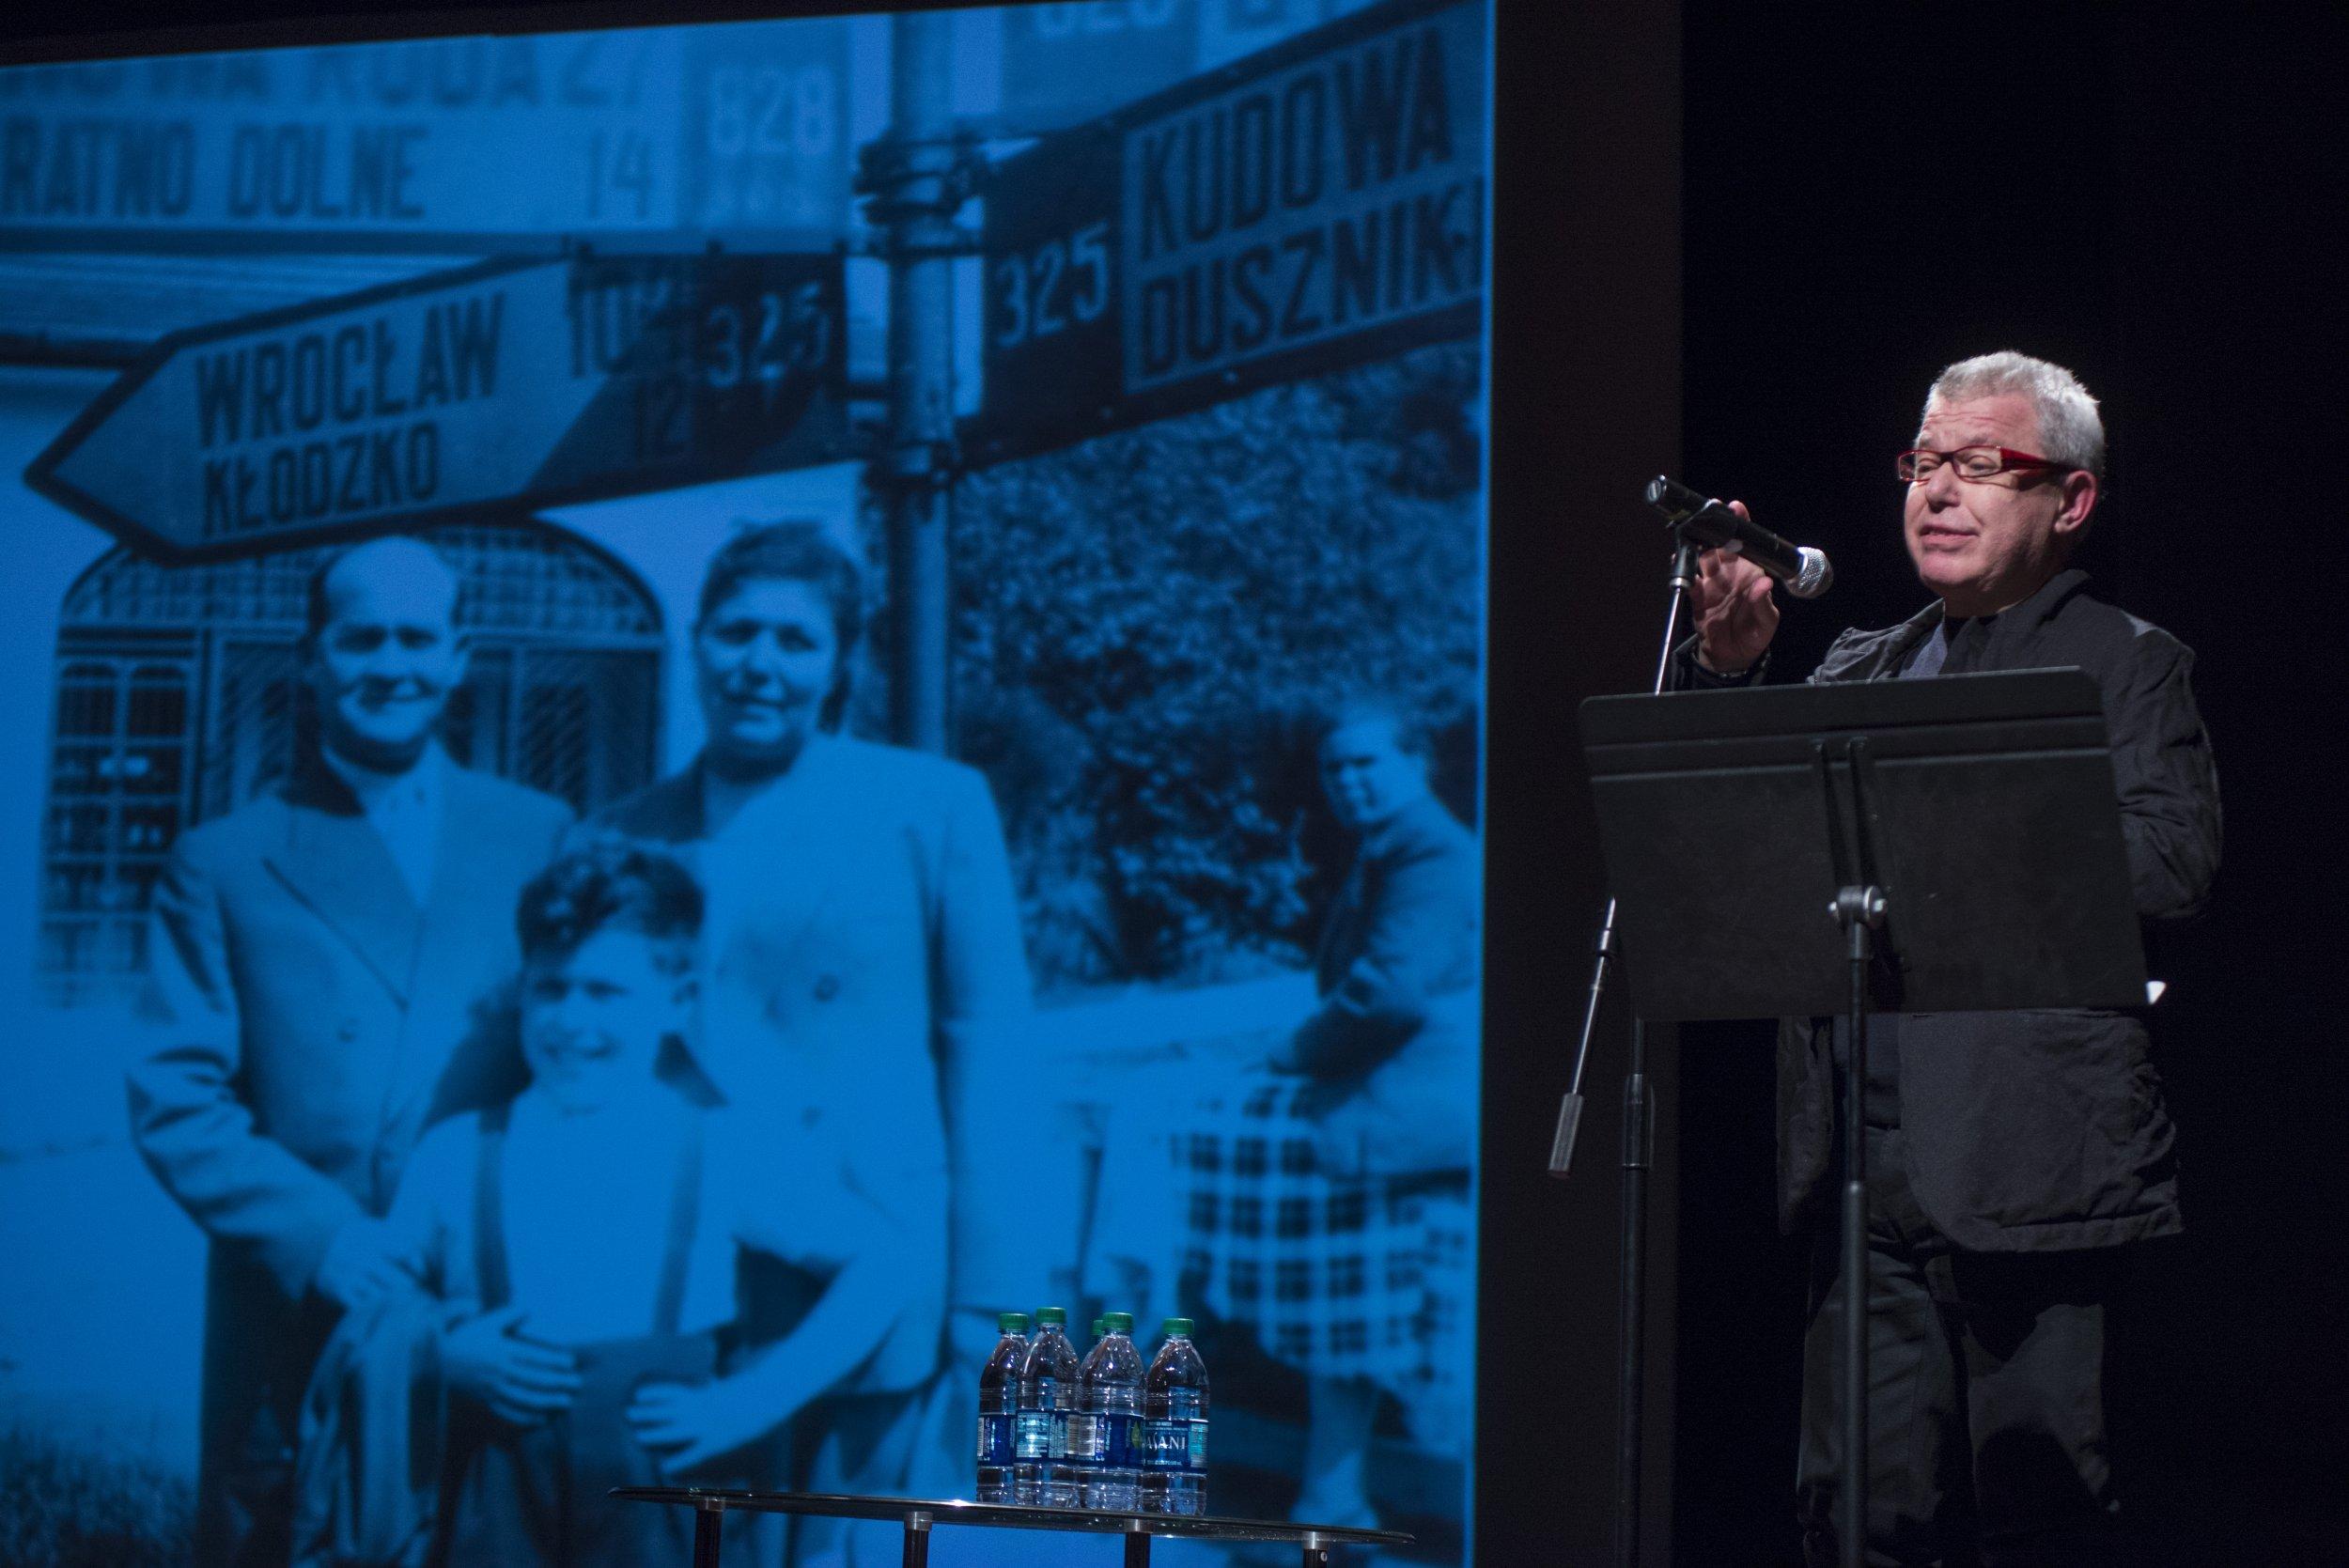 Daniel Libeskind at 2015 event_credit Melanie Einzig